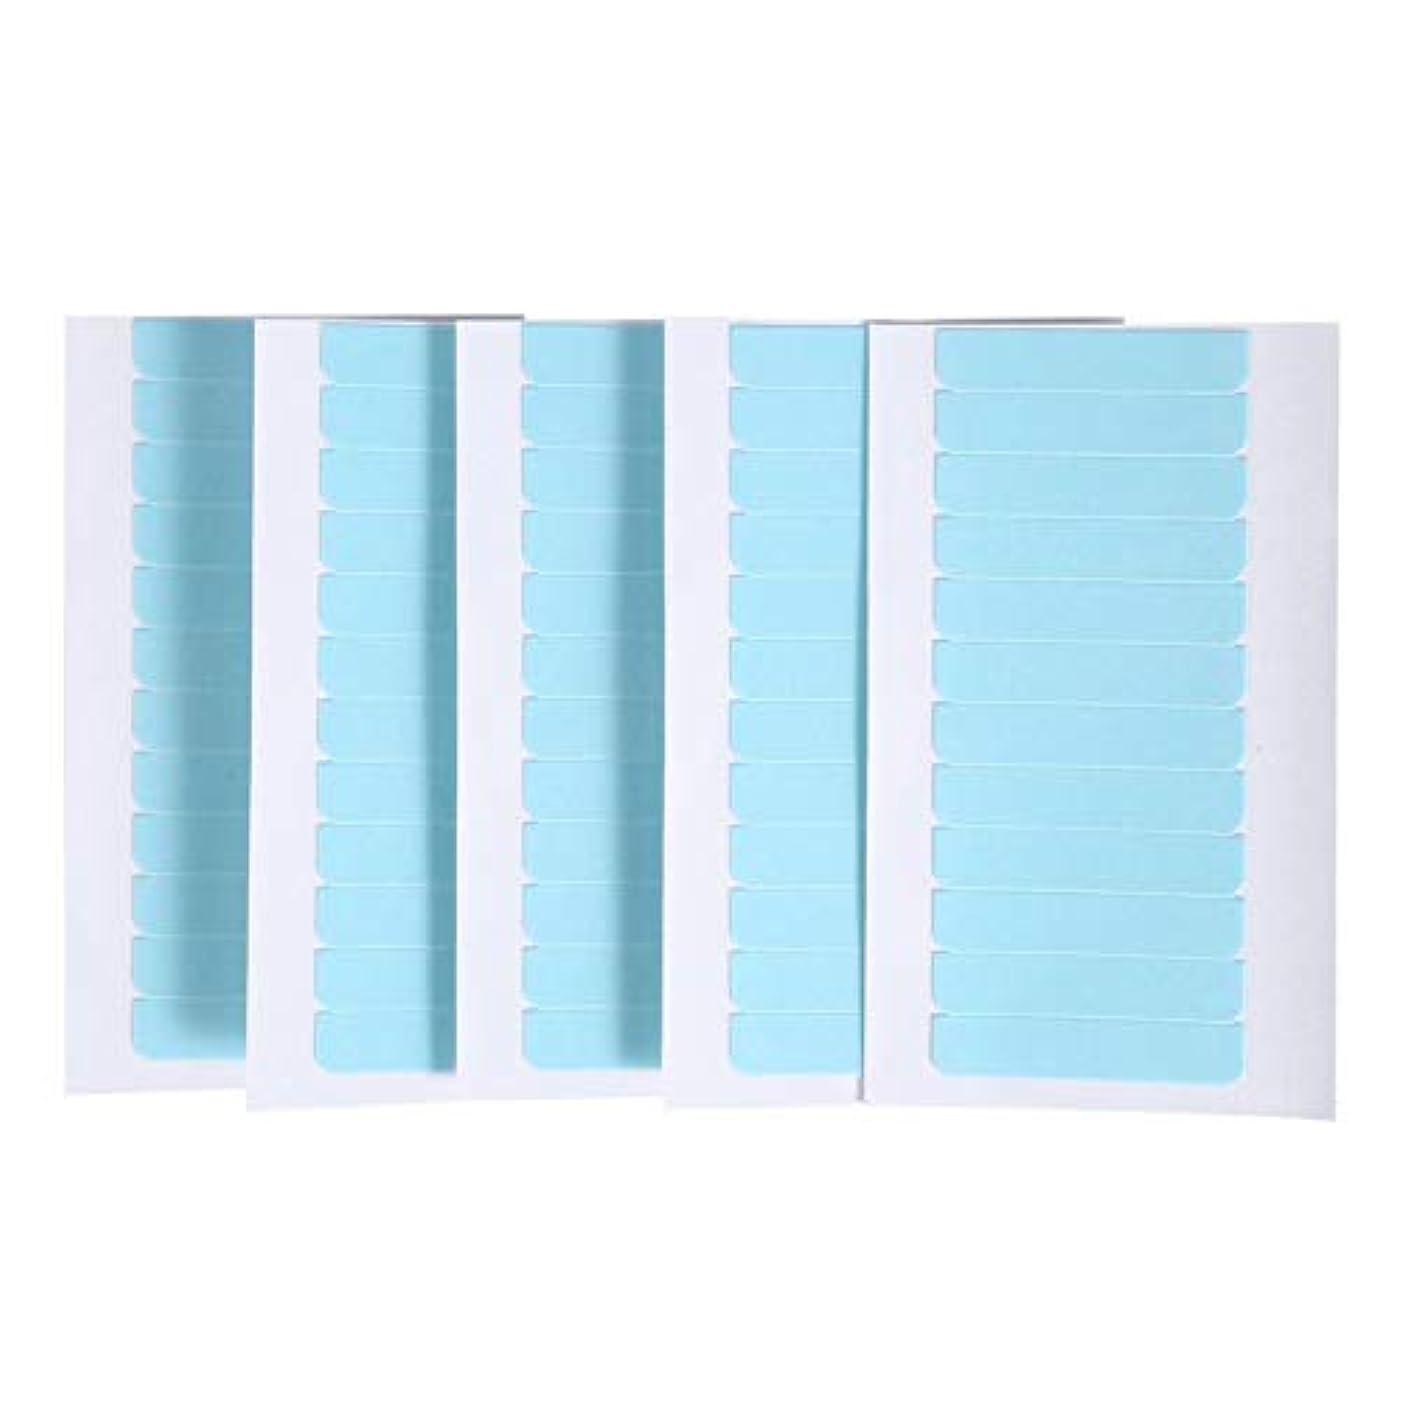 同盟フェードアウト服を洗う60個/セット肌横糸エクステンション接着剤 ヘアエクステンション用粘着テープ 両面スーパーテープタブ美容ツール